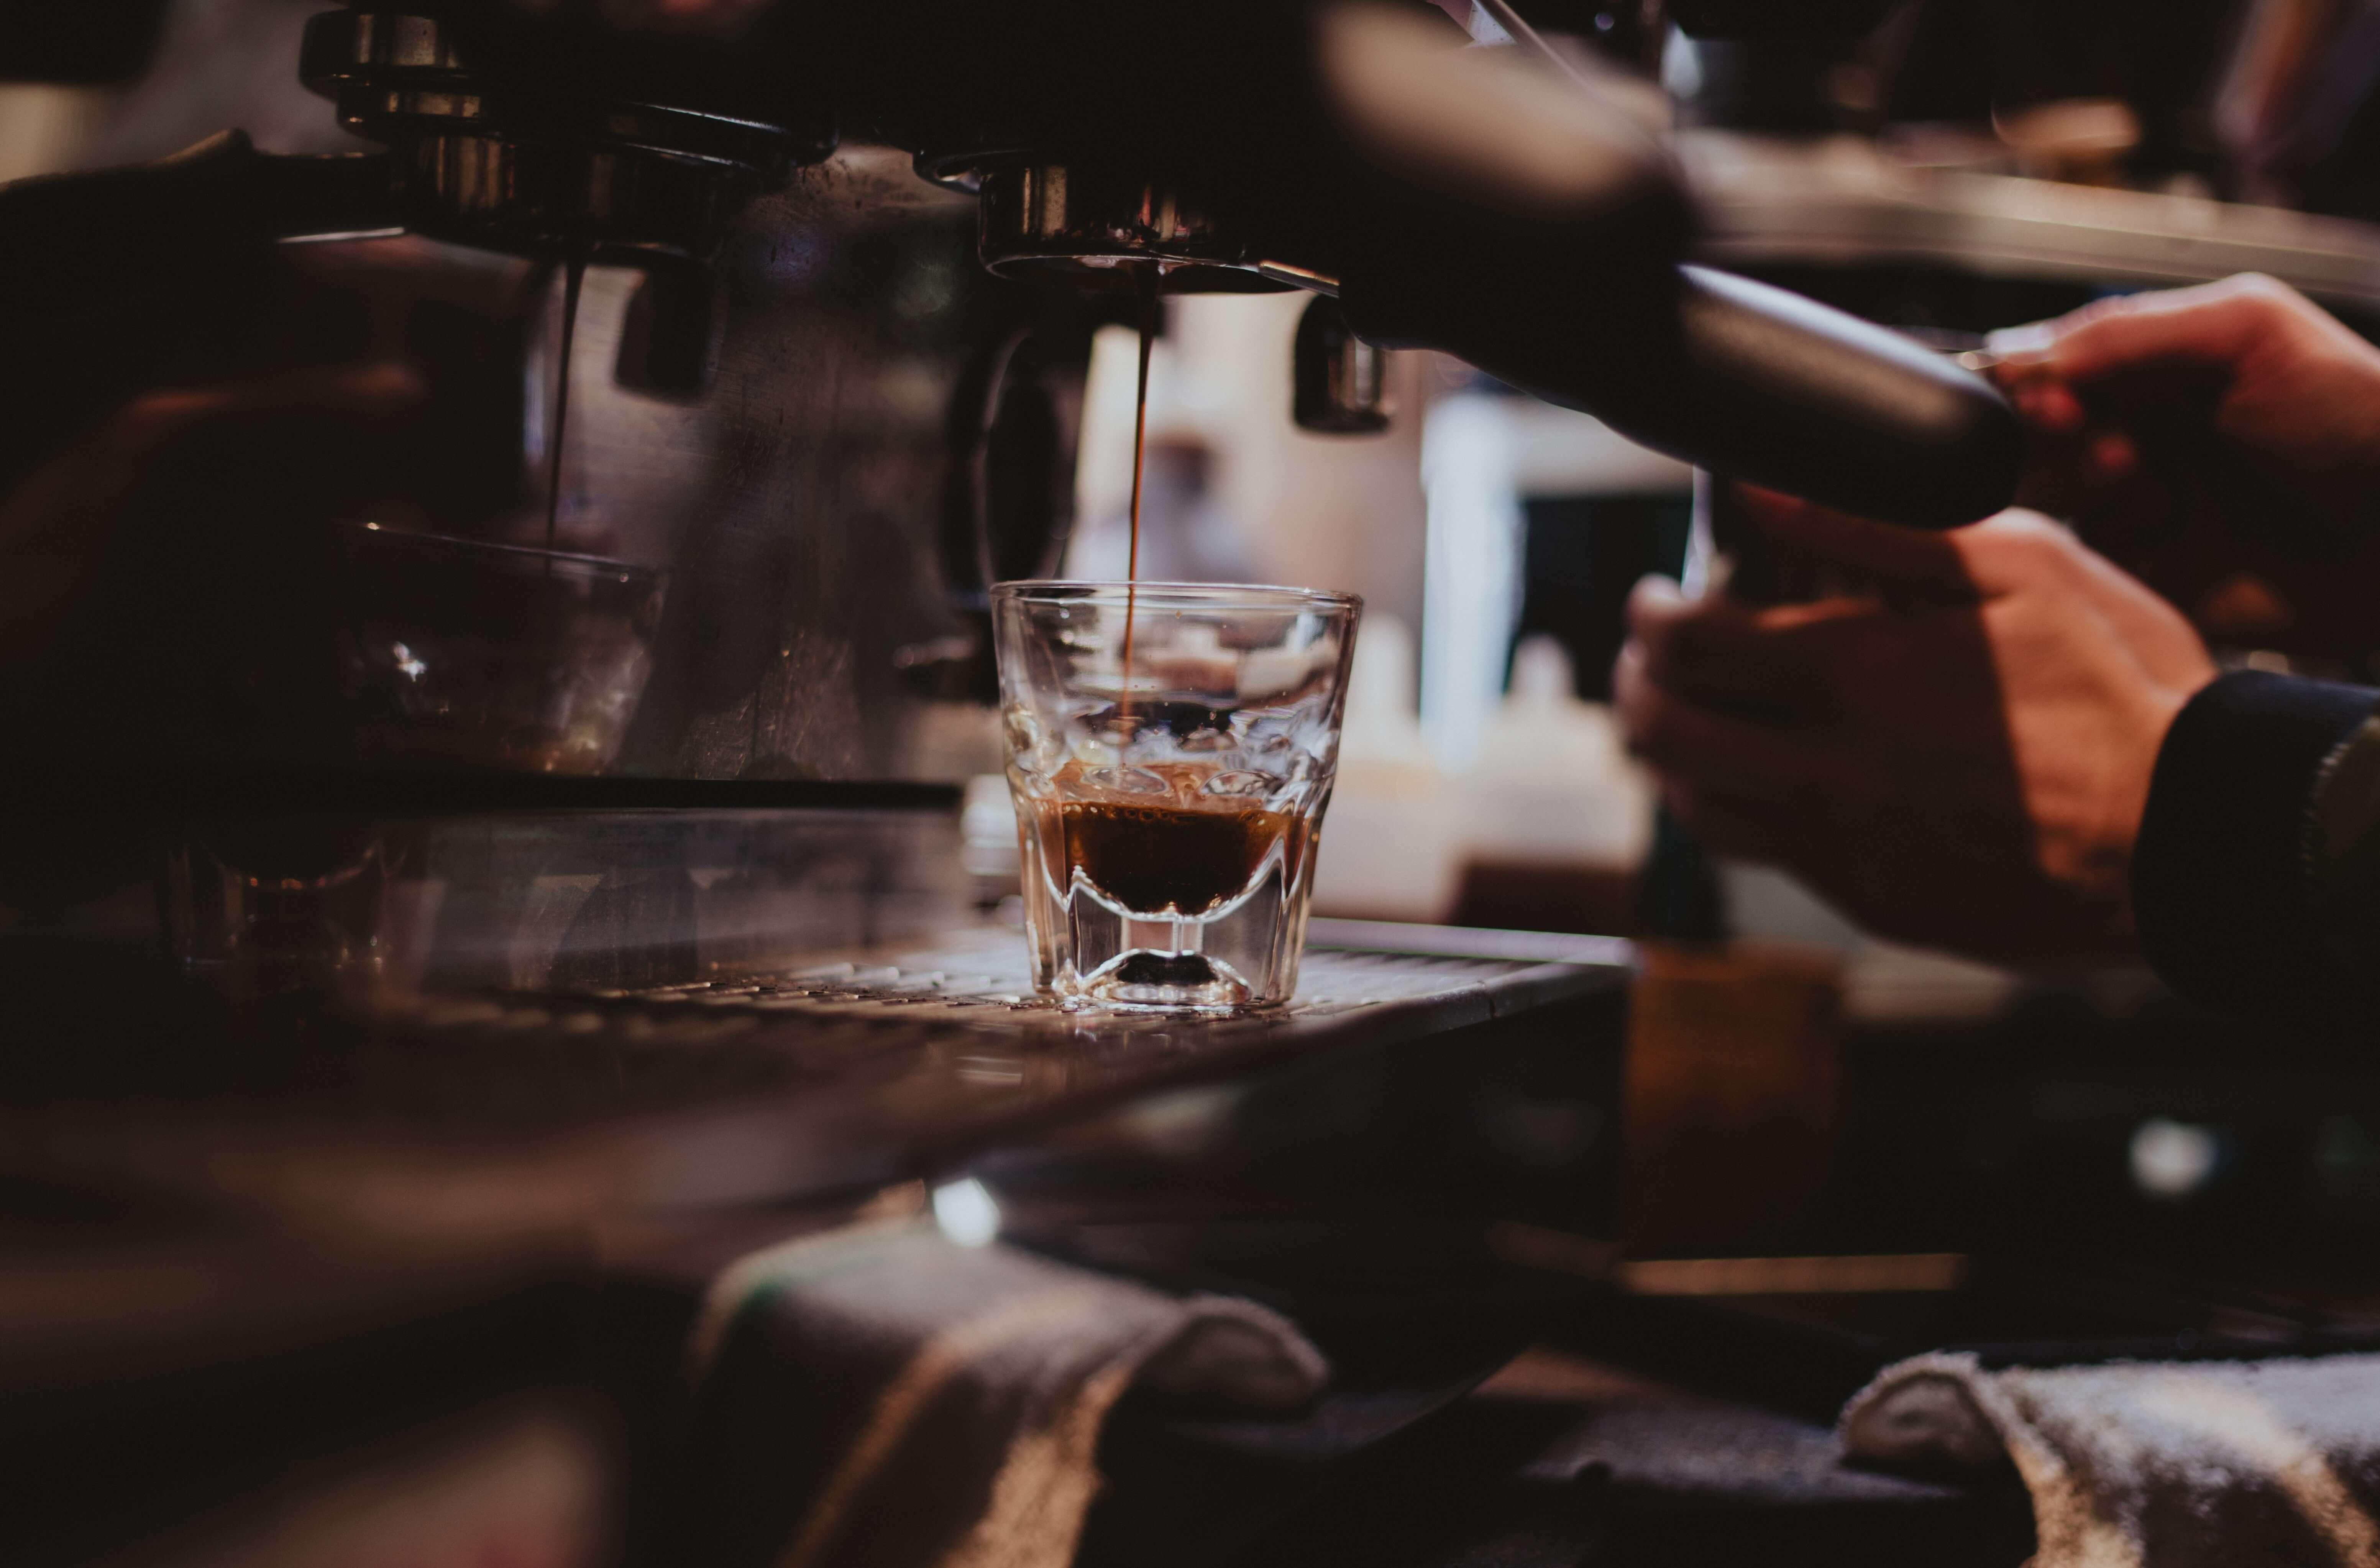 想經營一間飲料店嗎? 從開飲料店企畫書開始 !